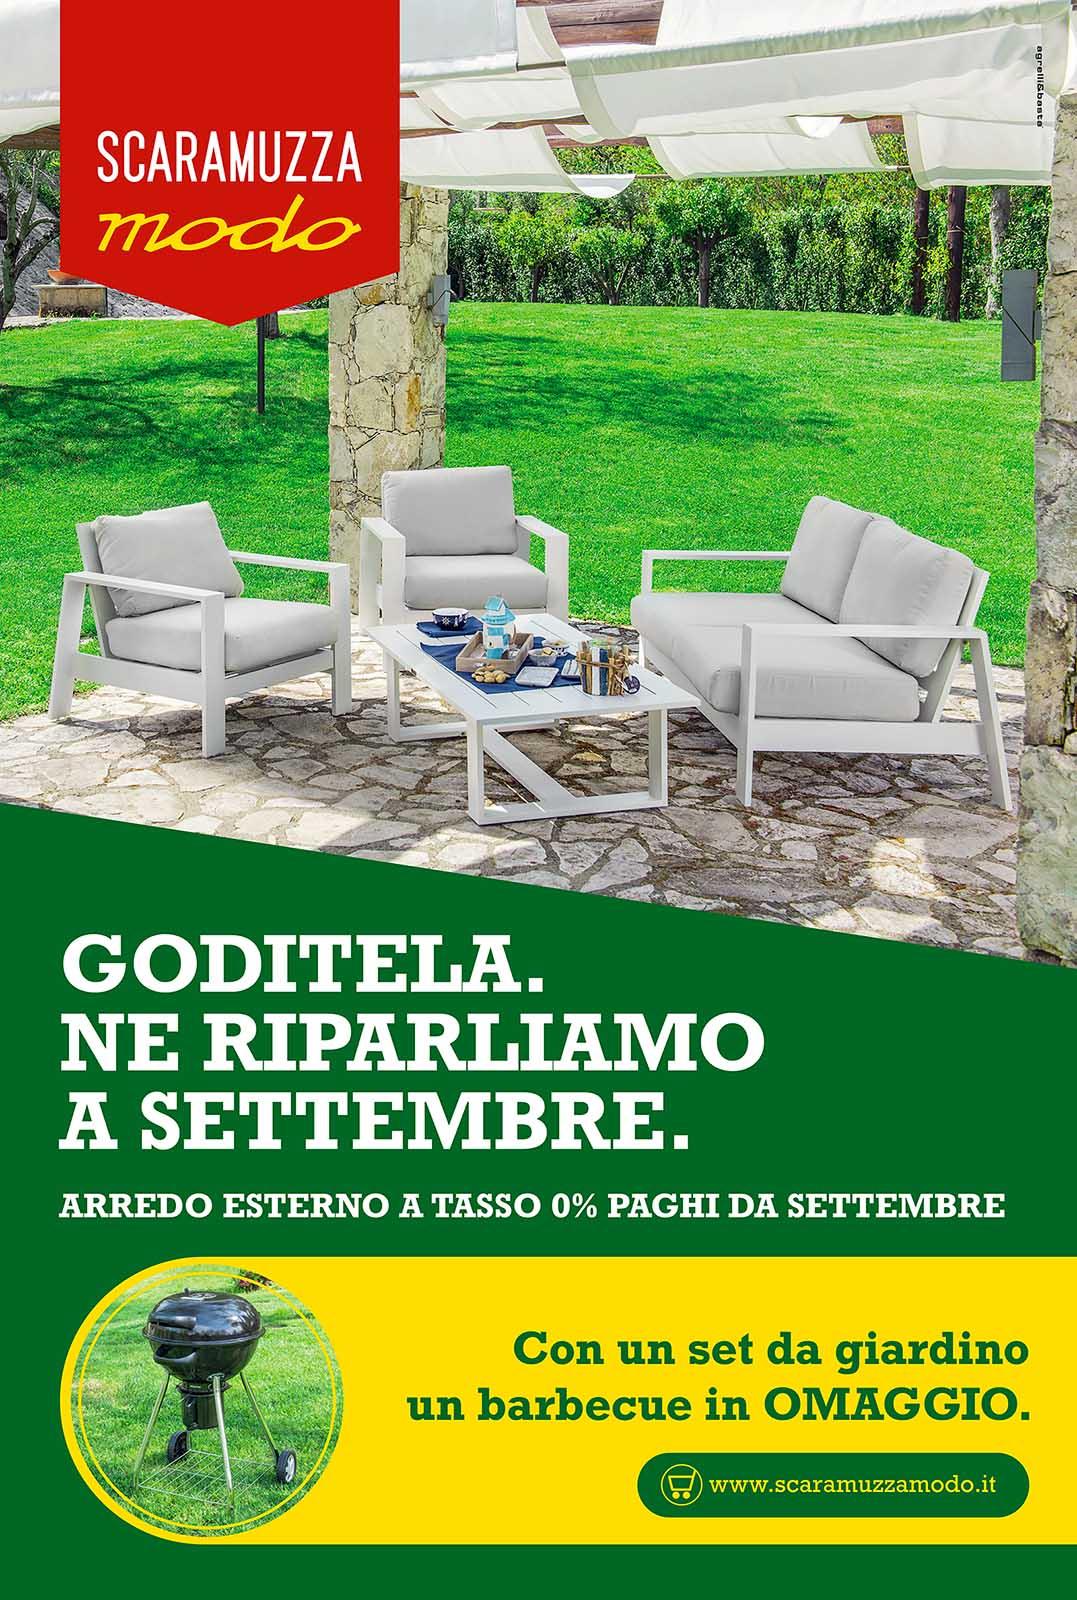 scaramuzza_modo_mattia_valerio